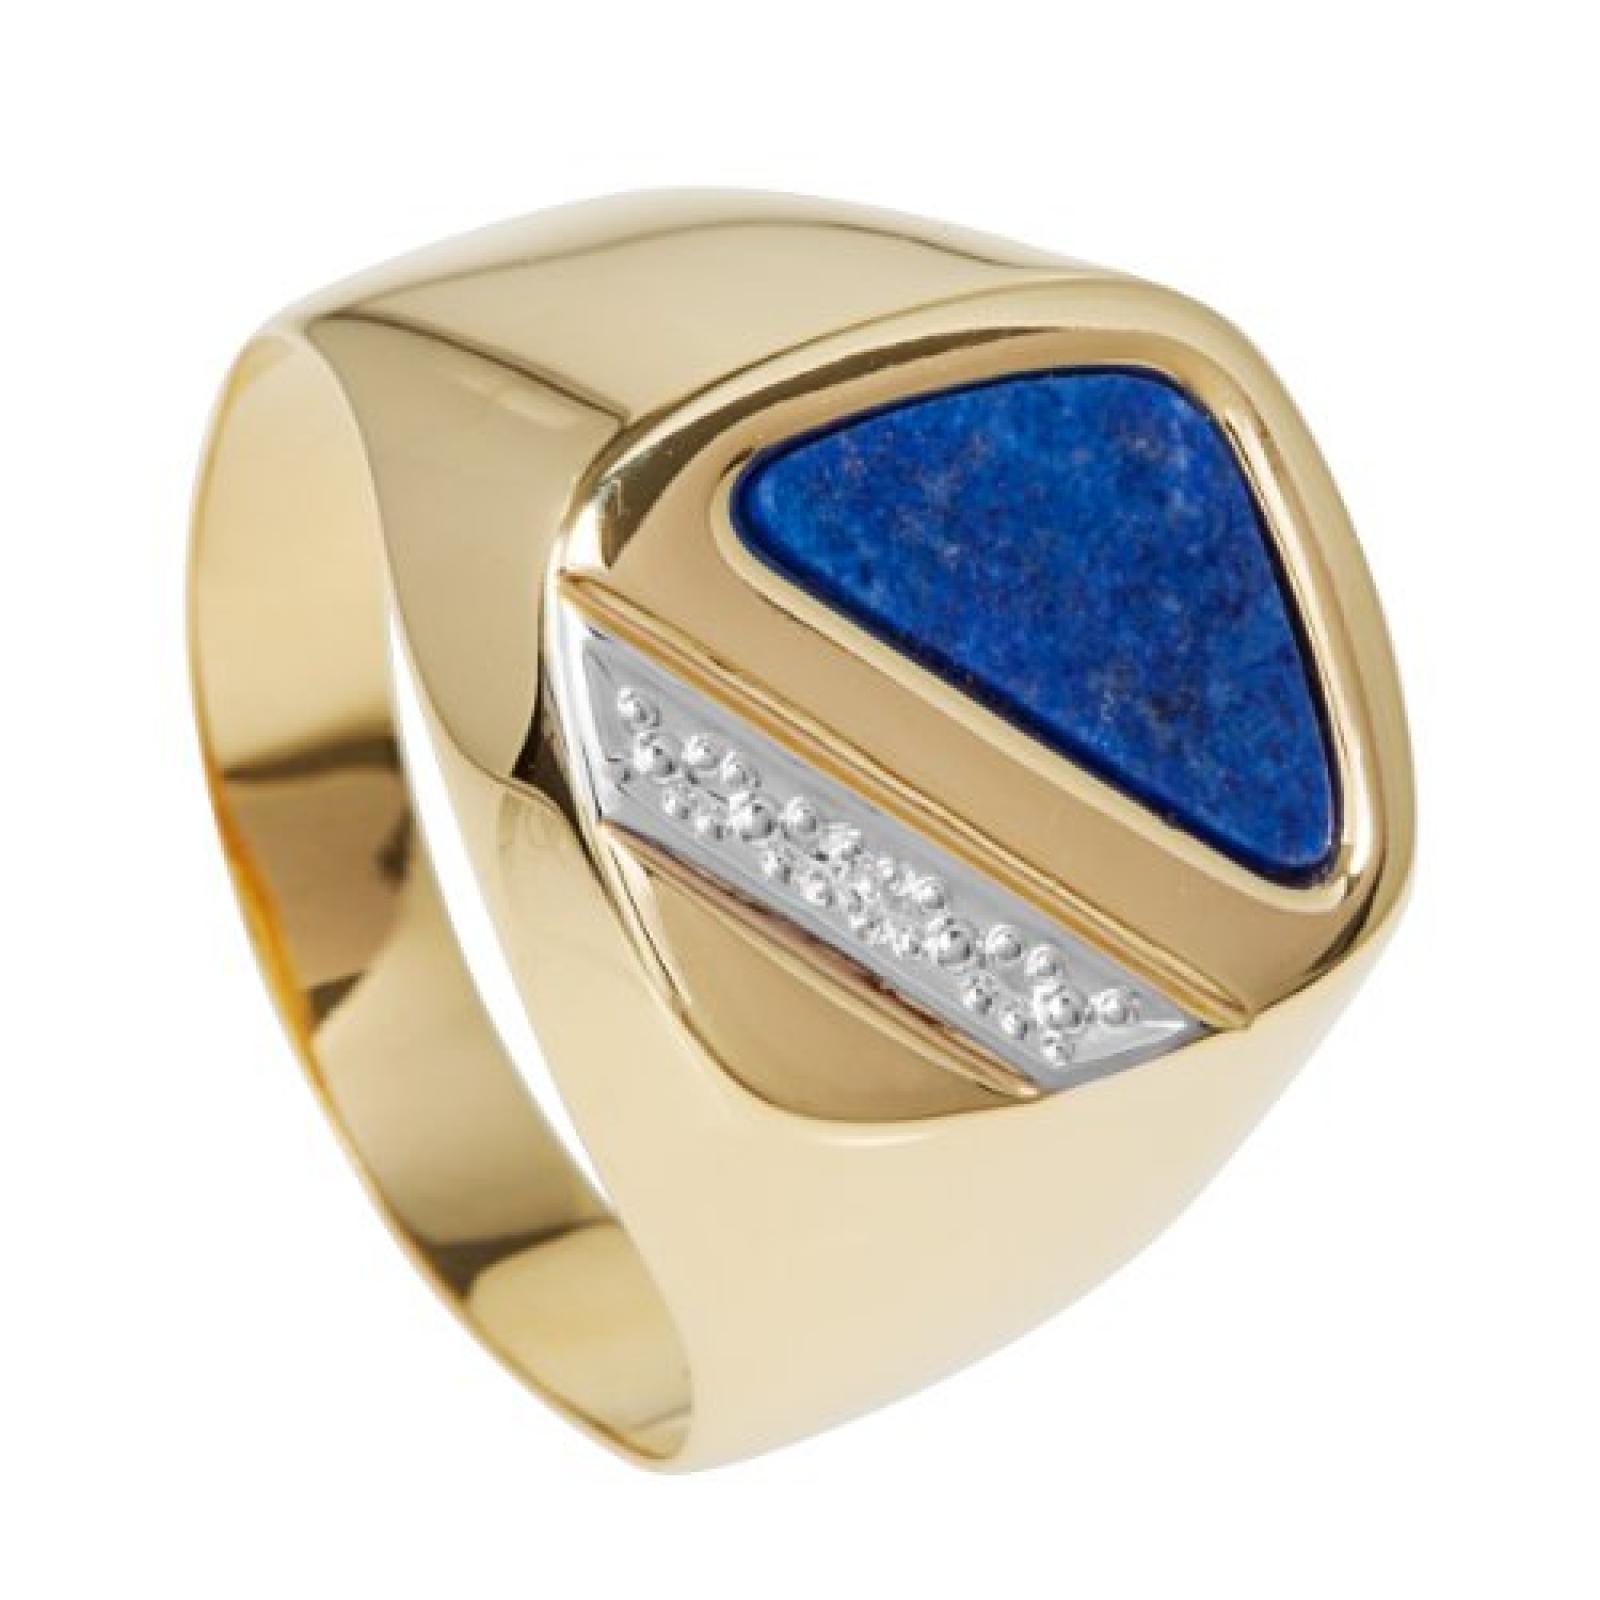 Bella Donna Herren-Ring Gelbgold teilrhodiniert 1 Diamant 0,005ct. weiß Piqué1 1 Lapis Dreieck